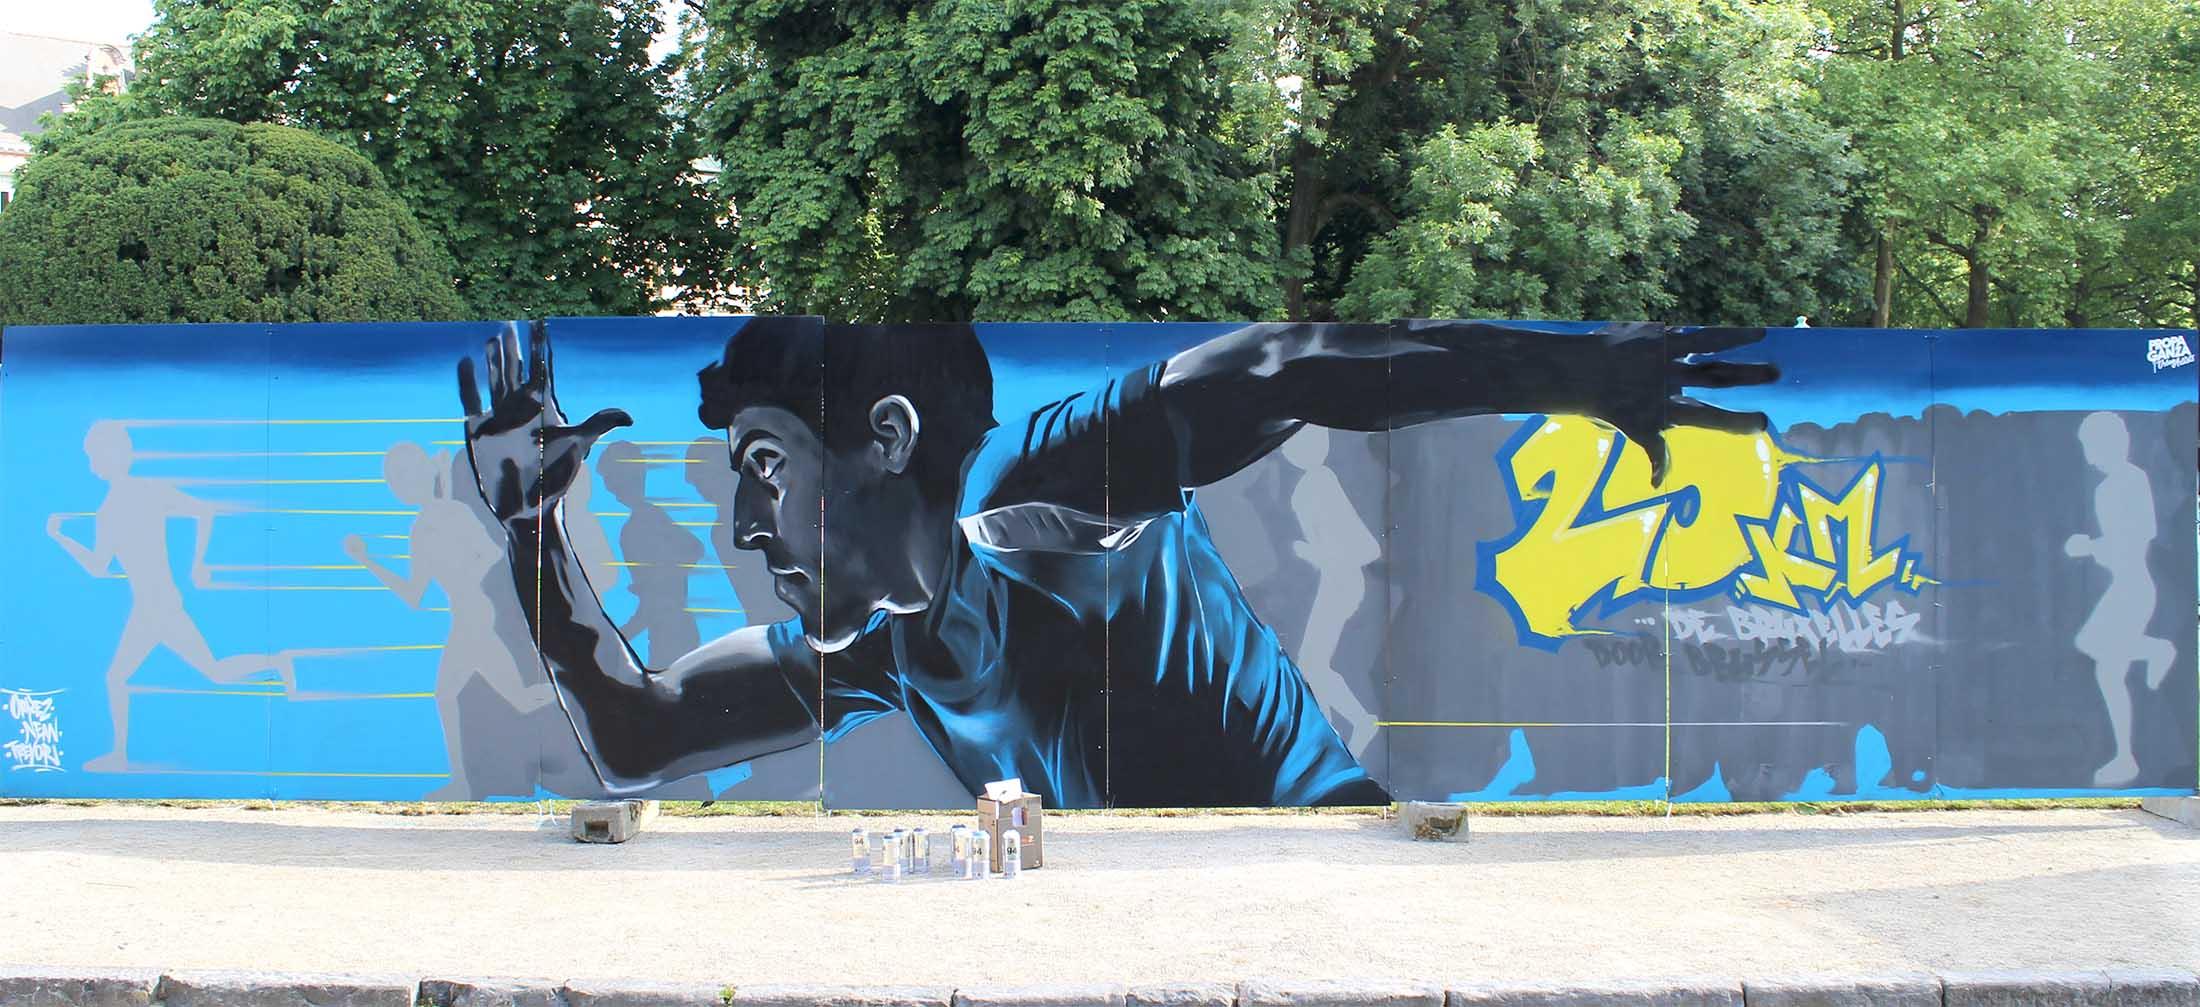 https://www.propaganza.be/wp-content/uploads/2019/04/propaganza-artist-graffiti-graff-street-art-spray-painting-belgique-bruxelles-brussels-fresque-live-show-20-km-2015-4.jpg